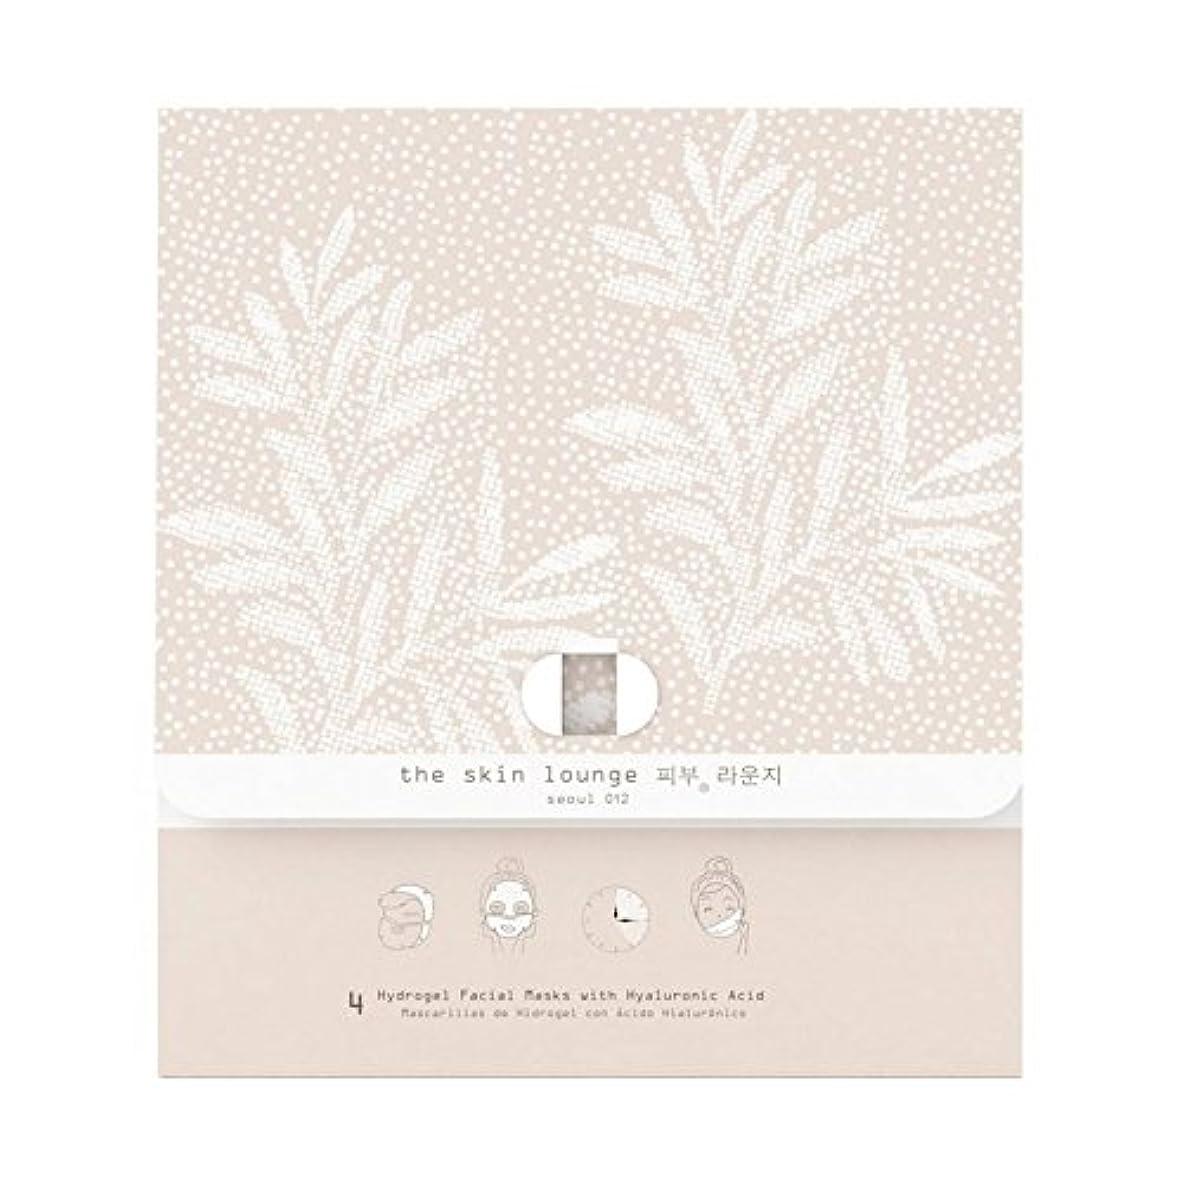 職業翻訳者使い込む4の皮膚ラウンジヒドロゲルヘクタールパック x2 - The Skin Lounge Hydrogel HA Pack of 4 (Pack of 2) [並行輸入品]